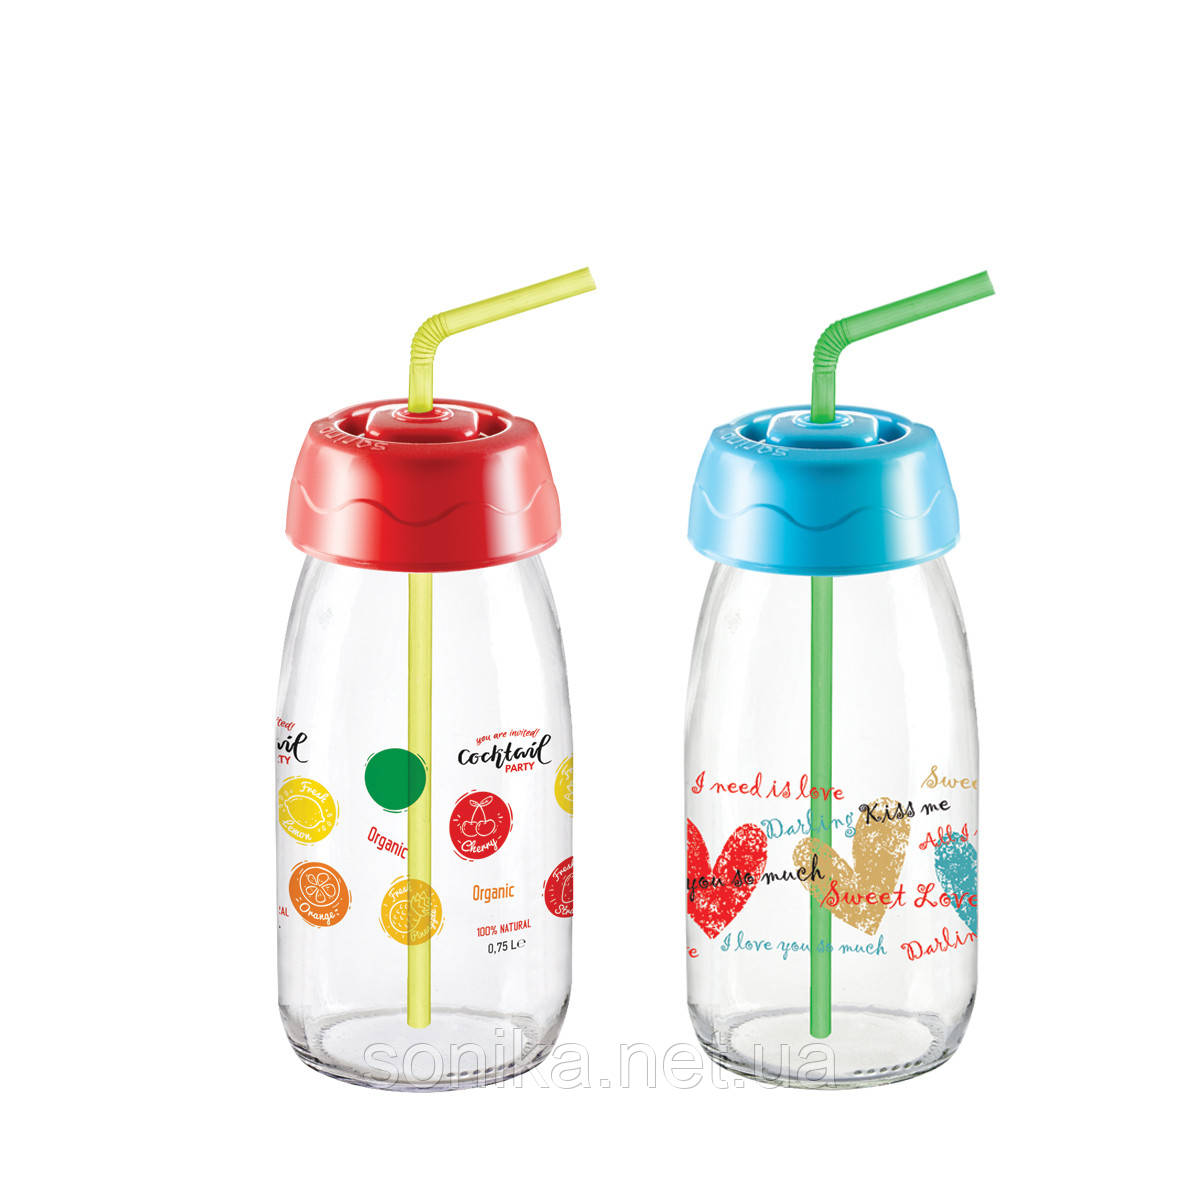 Пляшка для напоїв з трубочкою Sarina 250мл.